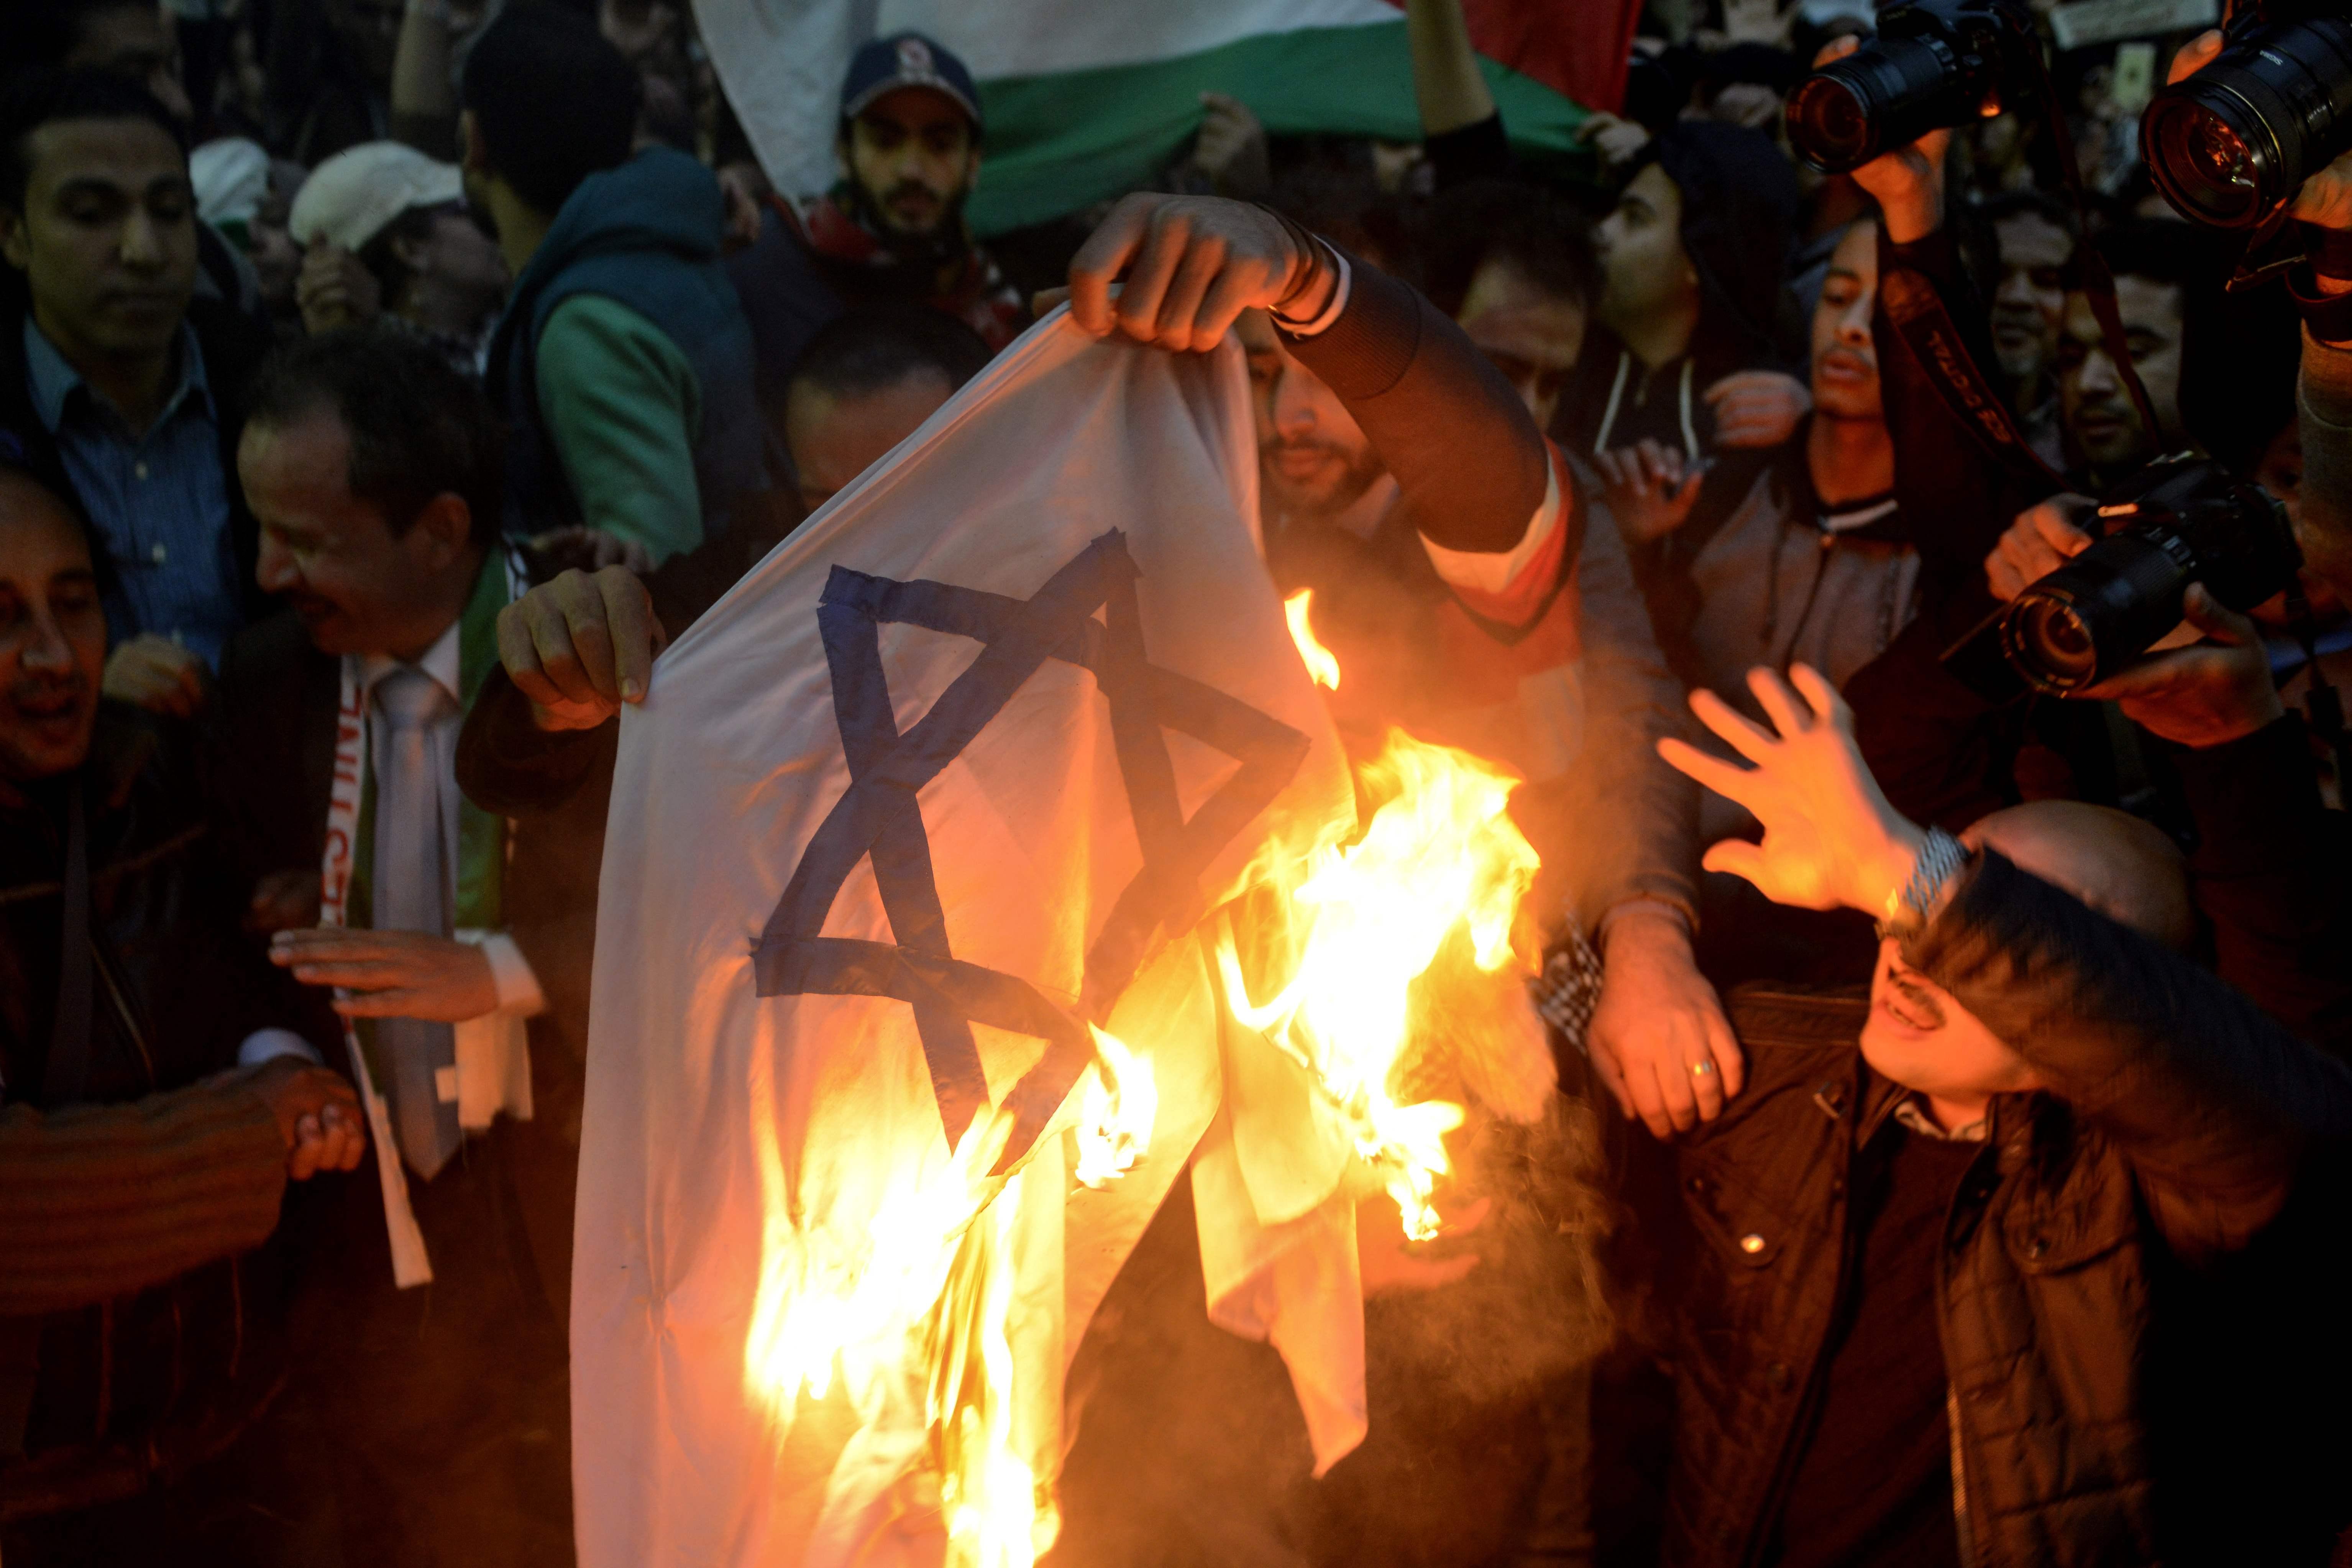 حرق العلم الإسرائيل فى مصر